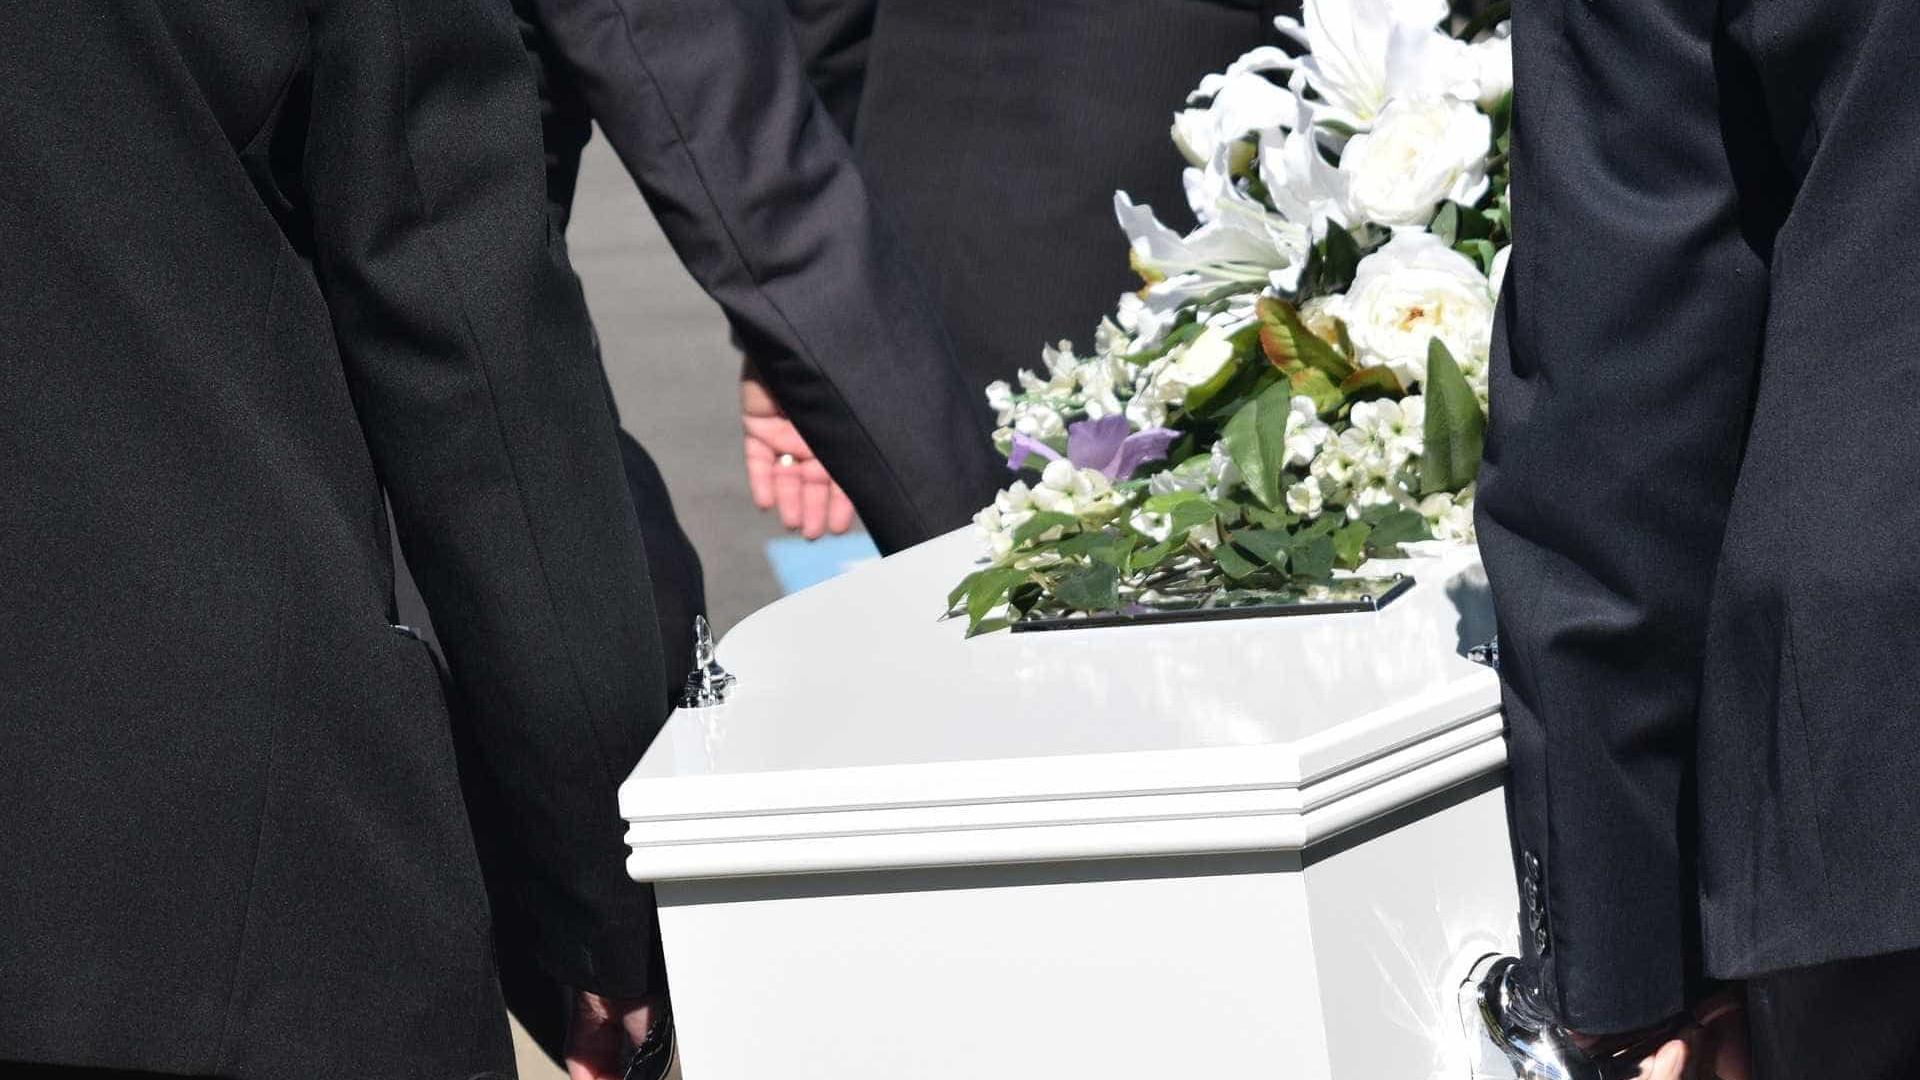 Mãe se recusa a enterrar filha por acreditar que ainda está viva